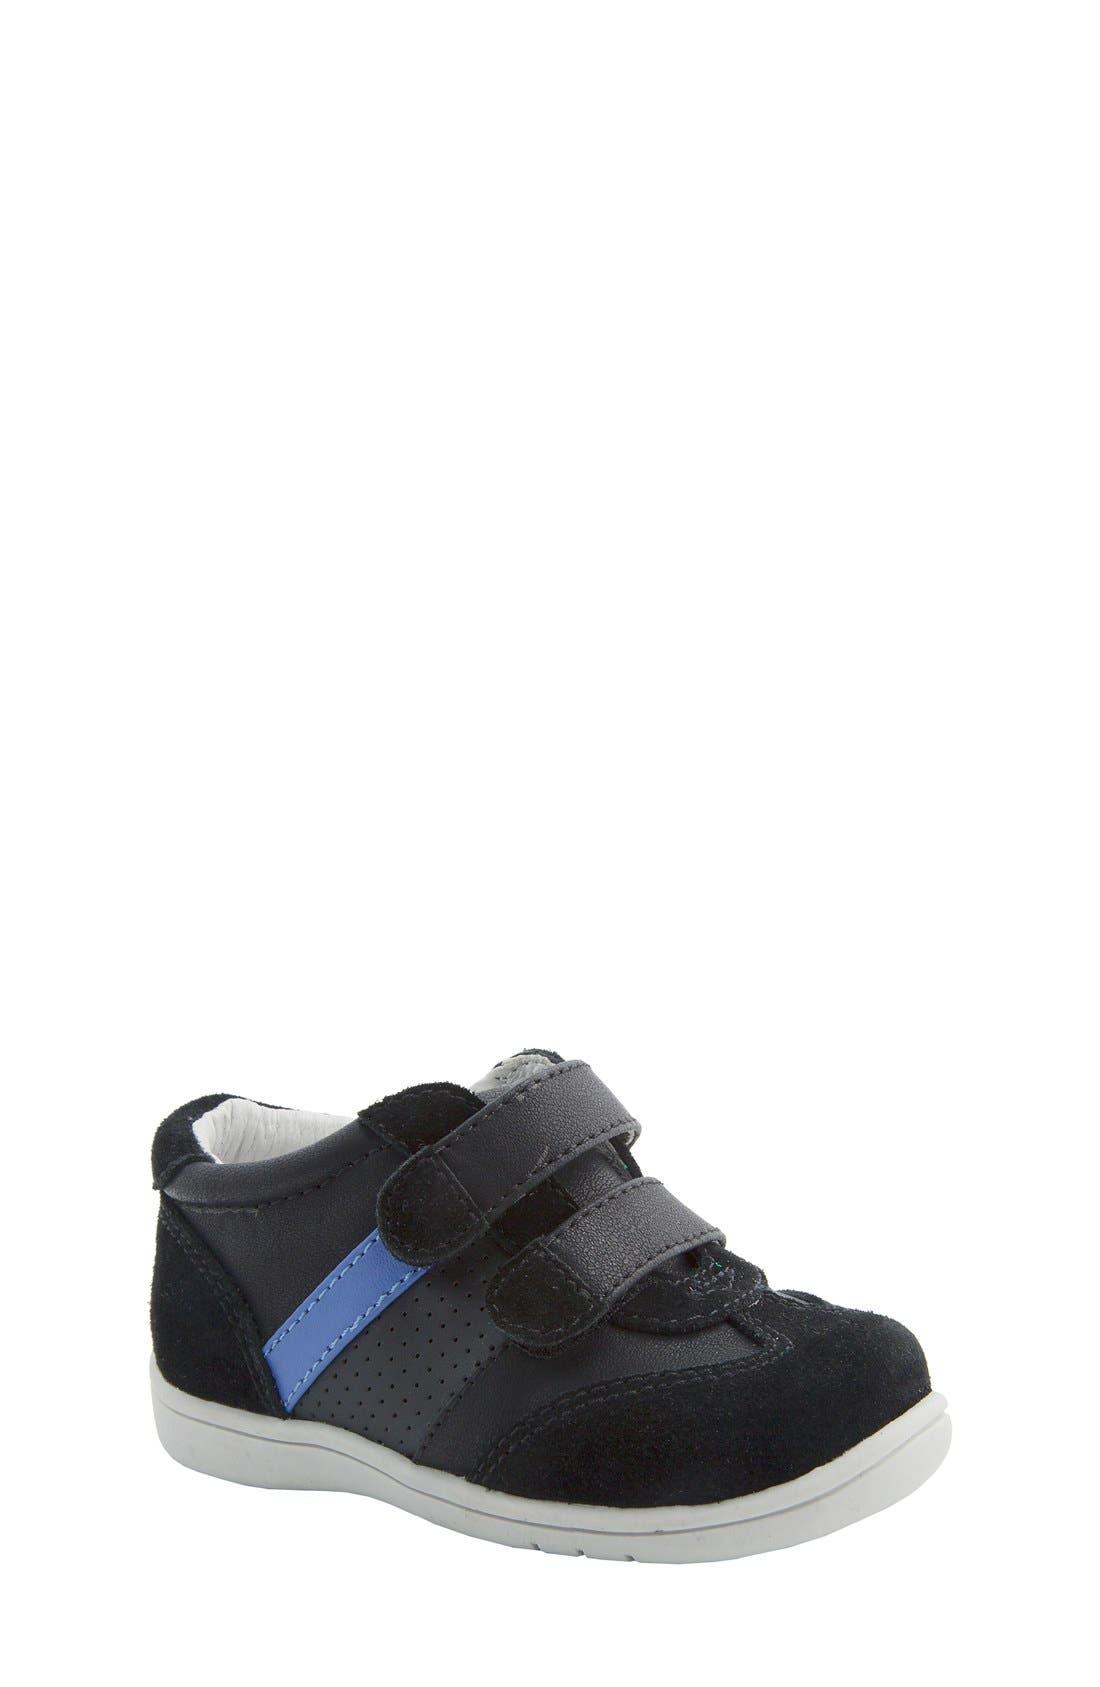 Nina 'Everest' Sneaker,                             Main thumbnail 1, color,                             Black Burnished